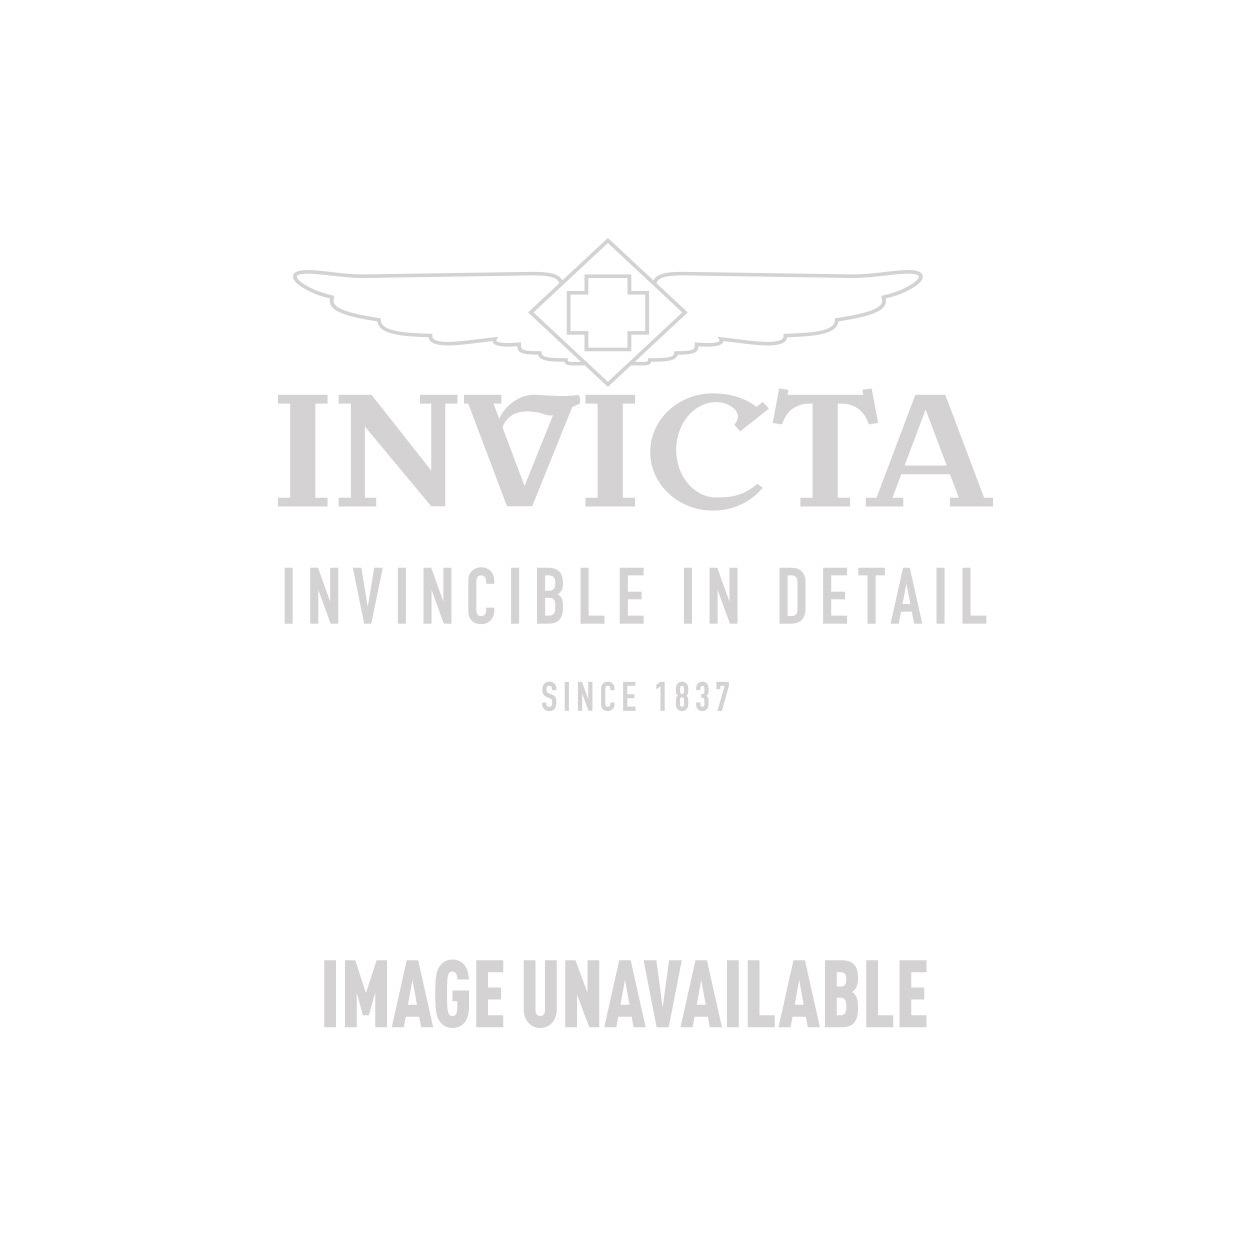 Invicta Model 24795